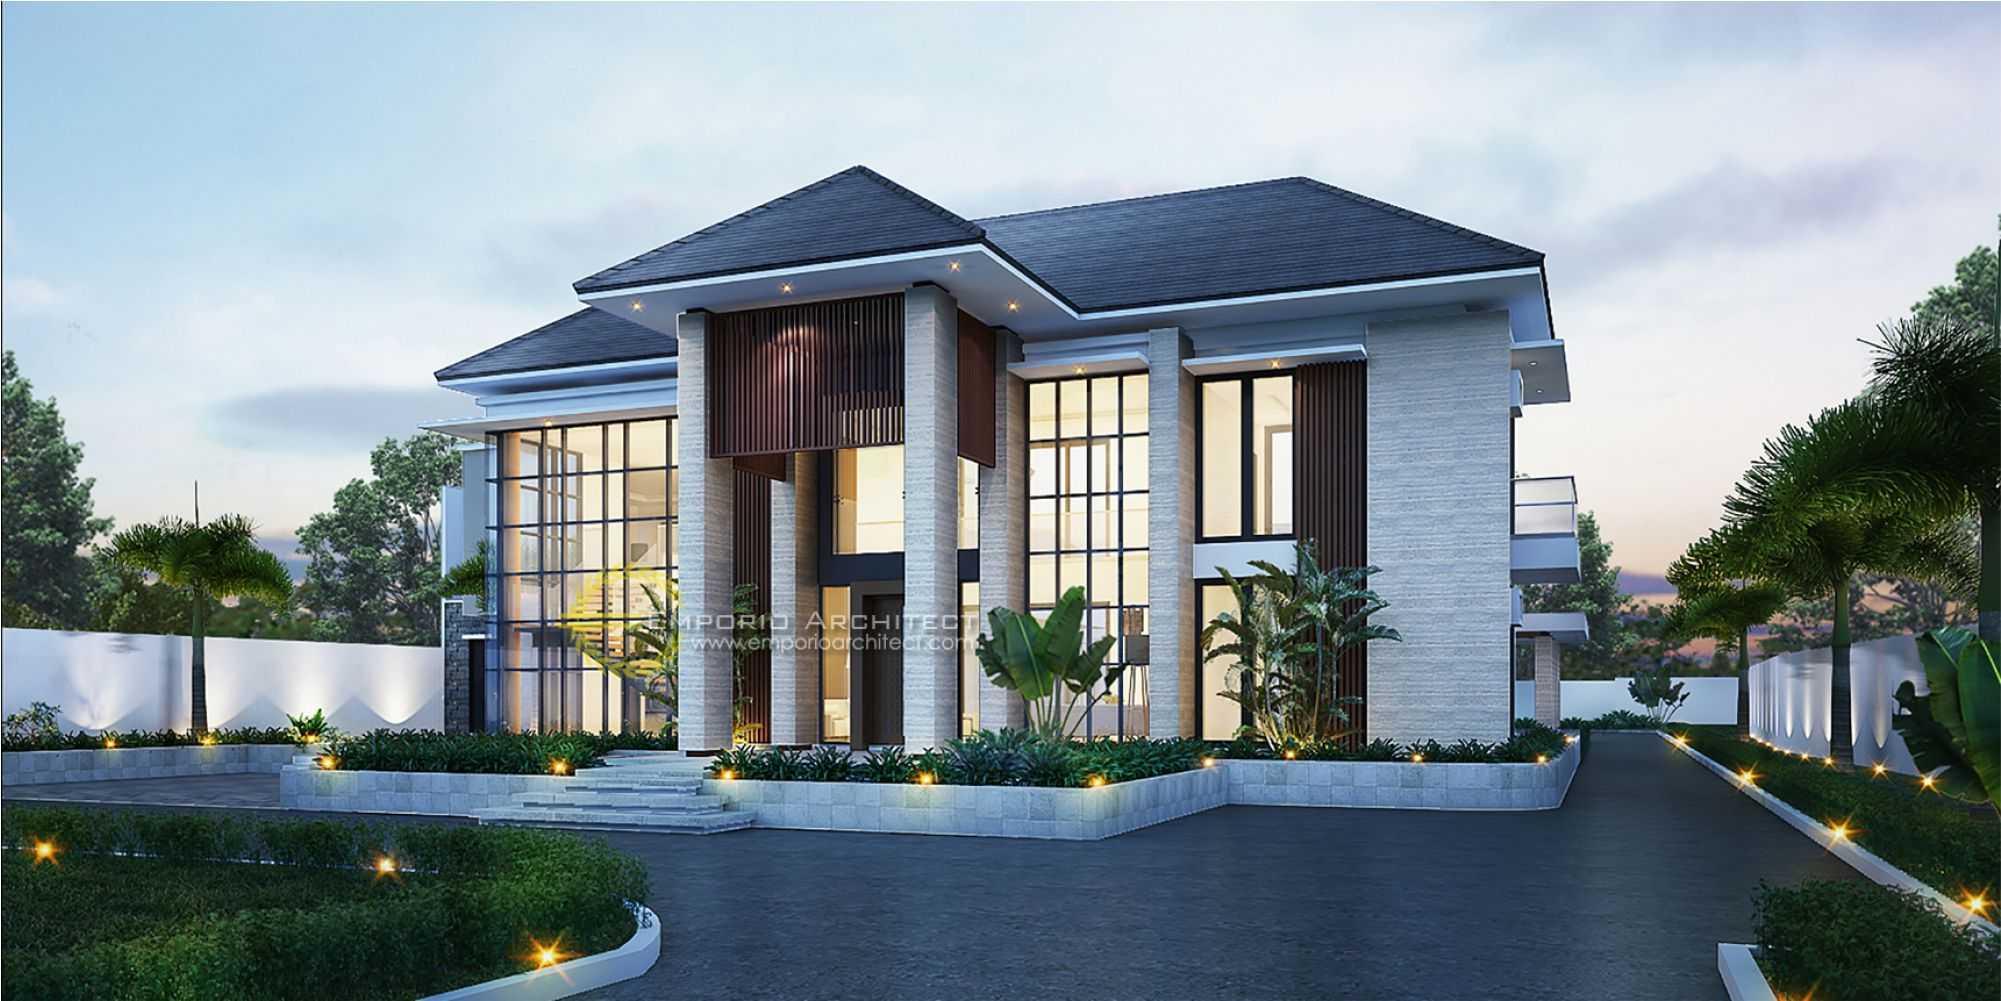 730 Koleksi Gambar Desain Rumah Modern Banten Paling Keren Untuk Di Contoh